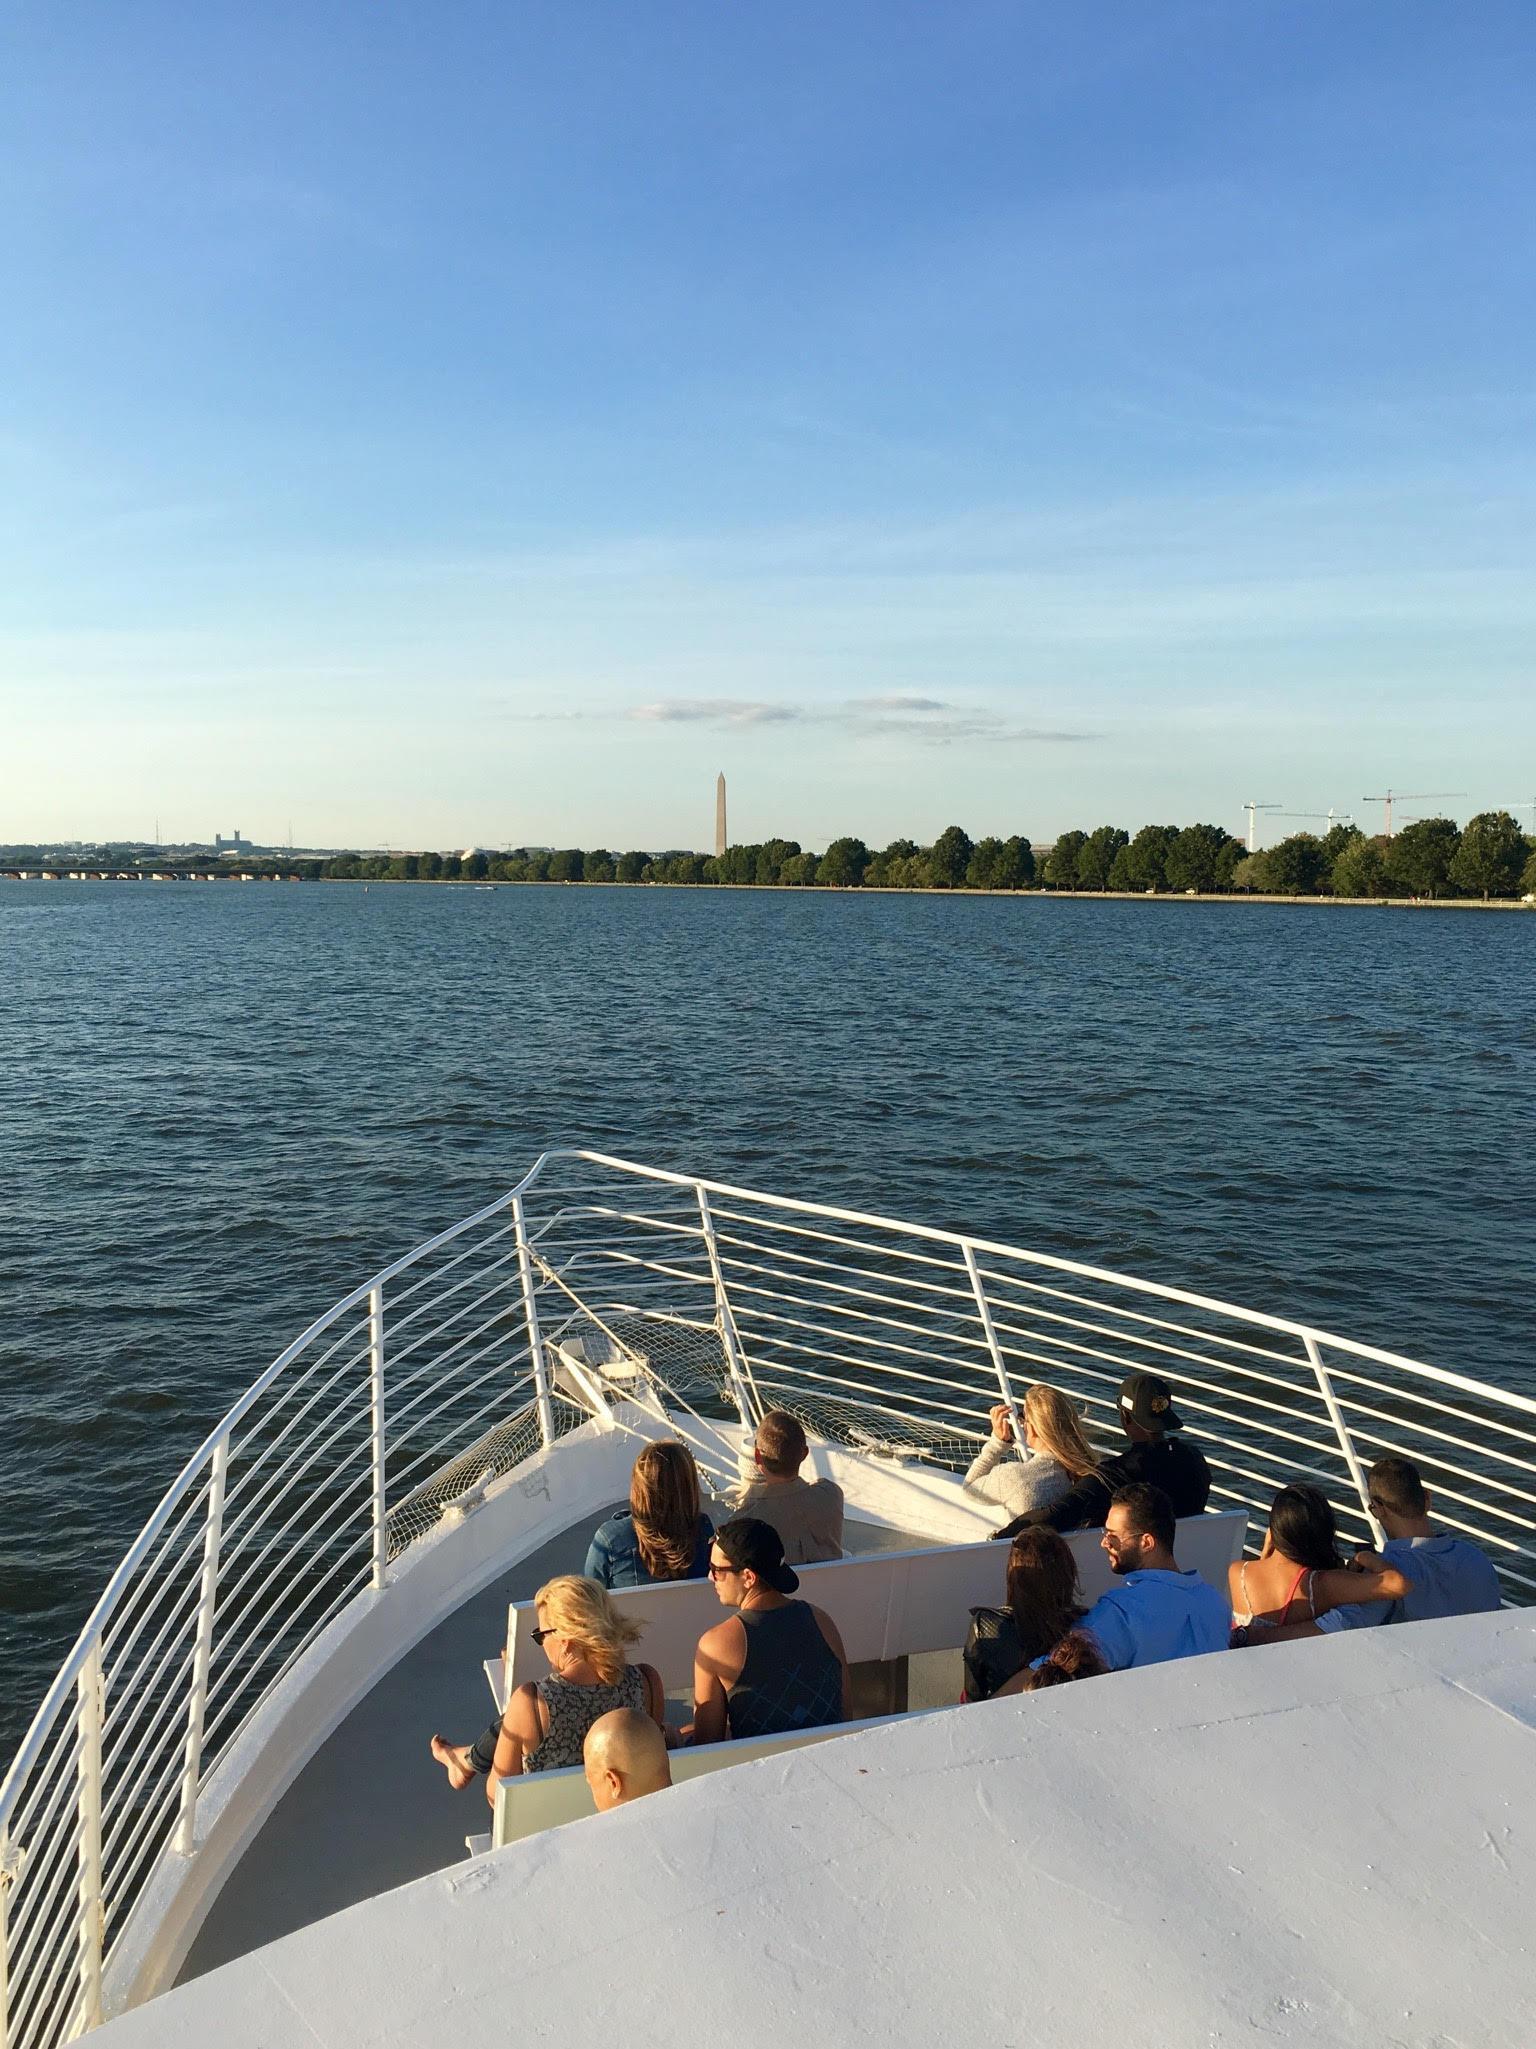 Summertime Harbor Cruise